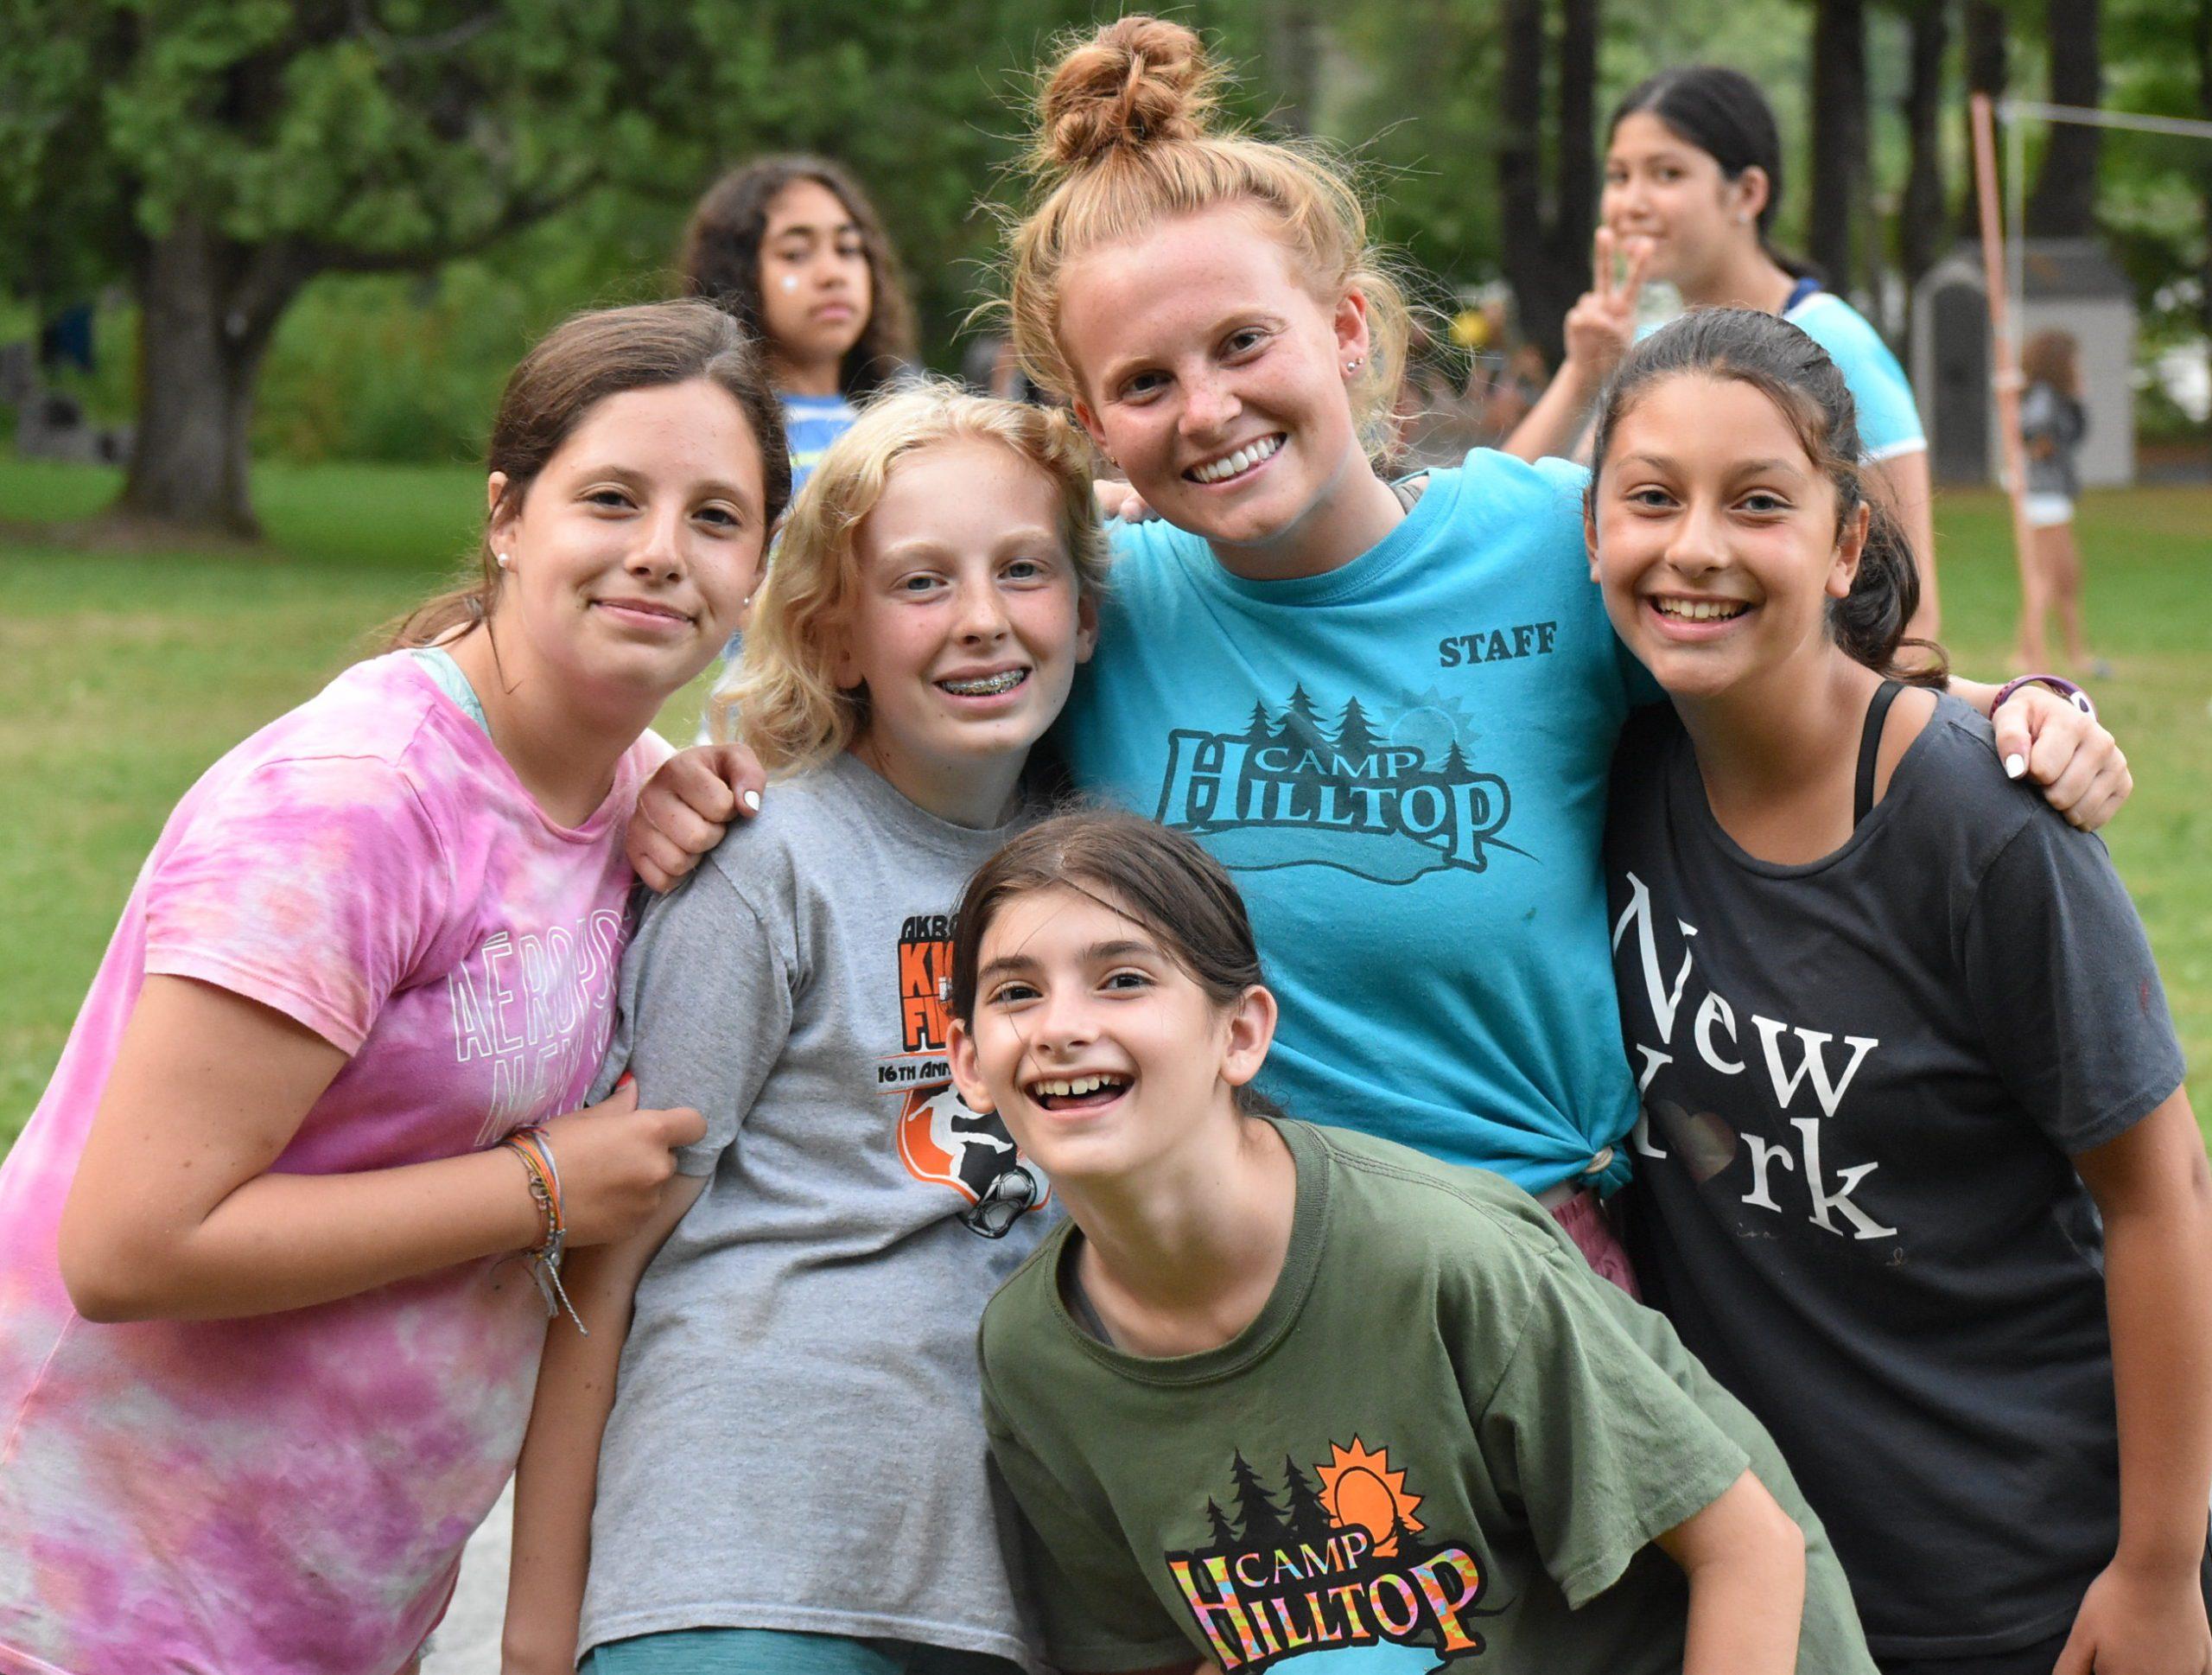 Camp Hilltop - Campers